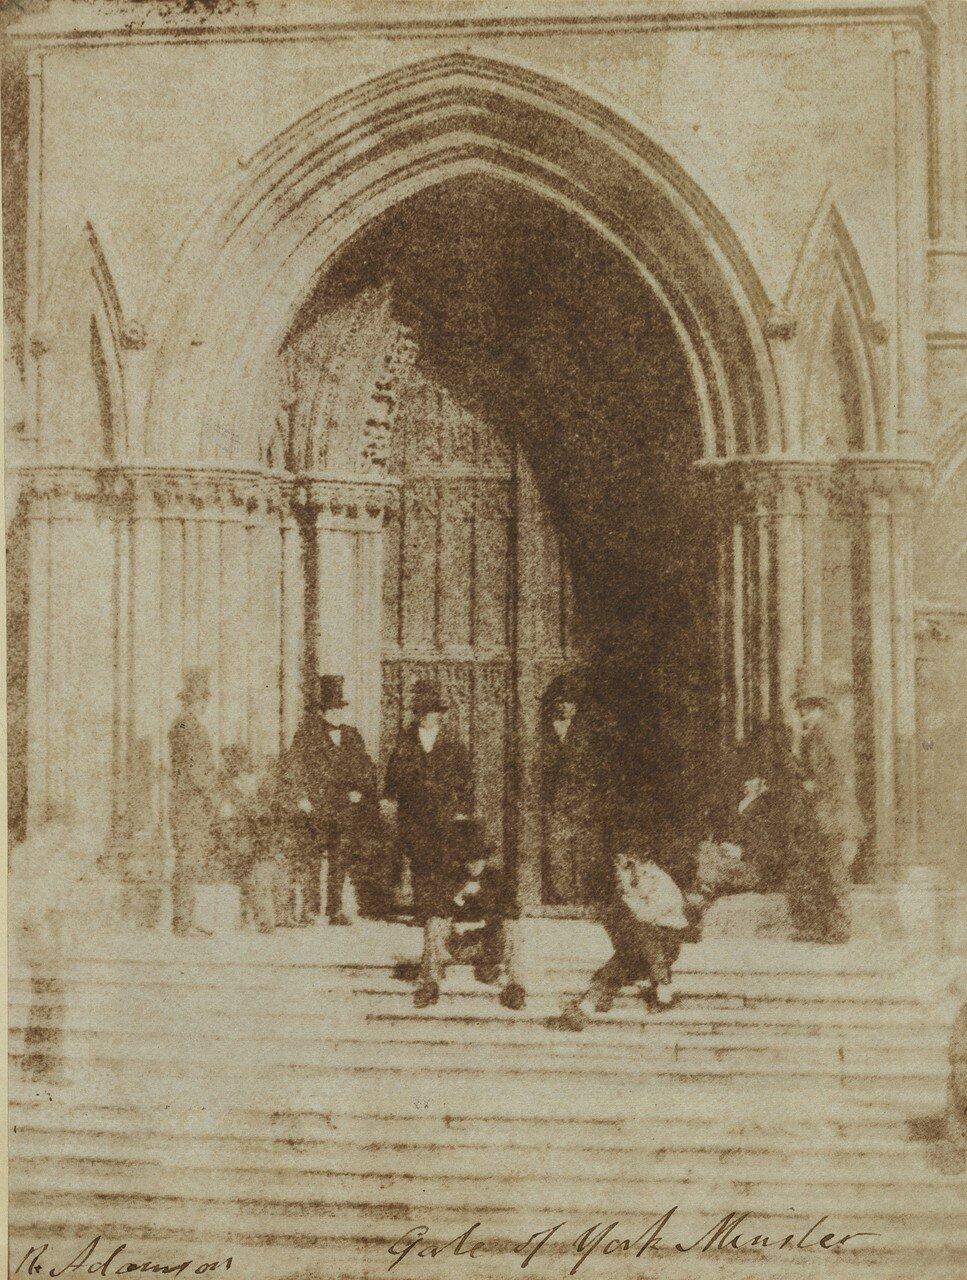 Йорк. Группа людей у южного входа в Йоркский собор